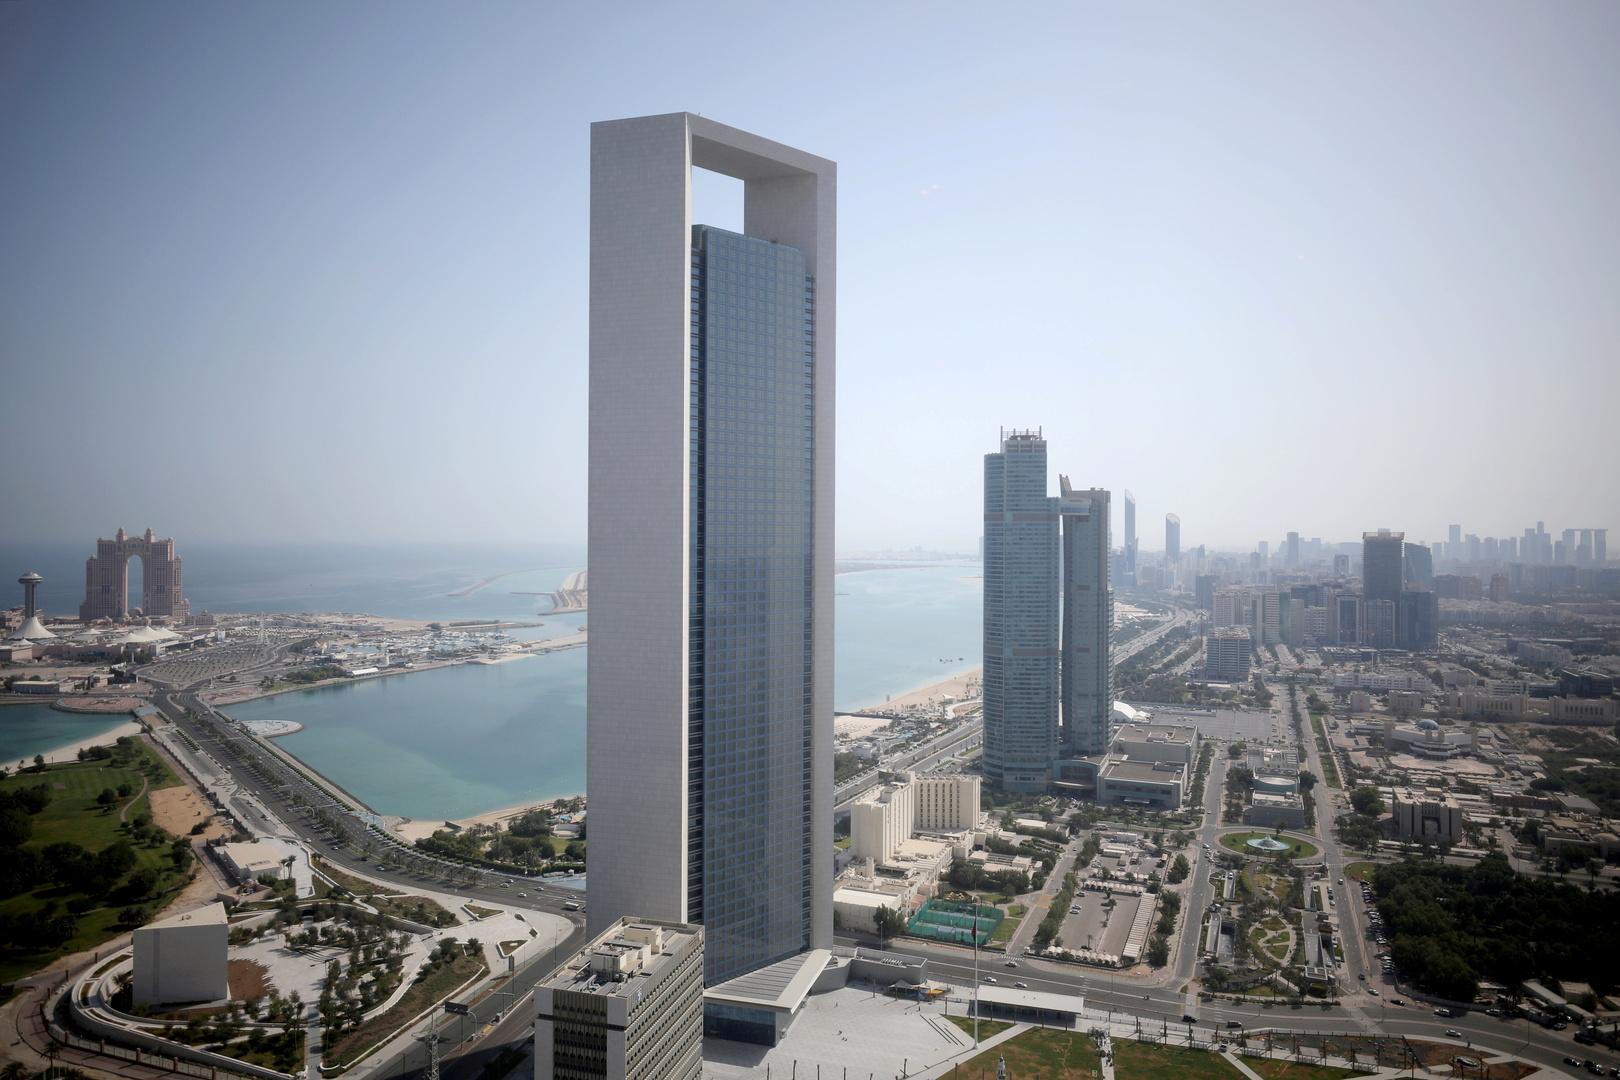 أبو ظبي أول مدينة في العالم تتسلم عقارا جديدا ضد